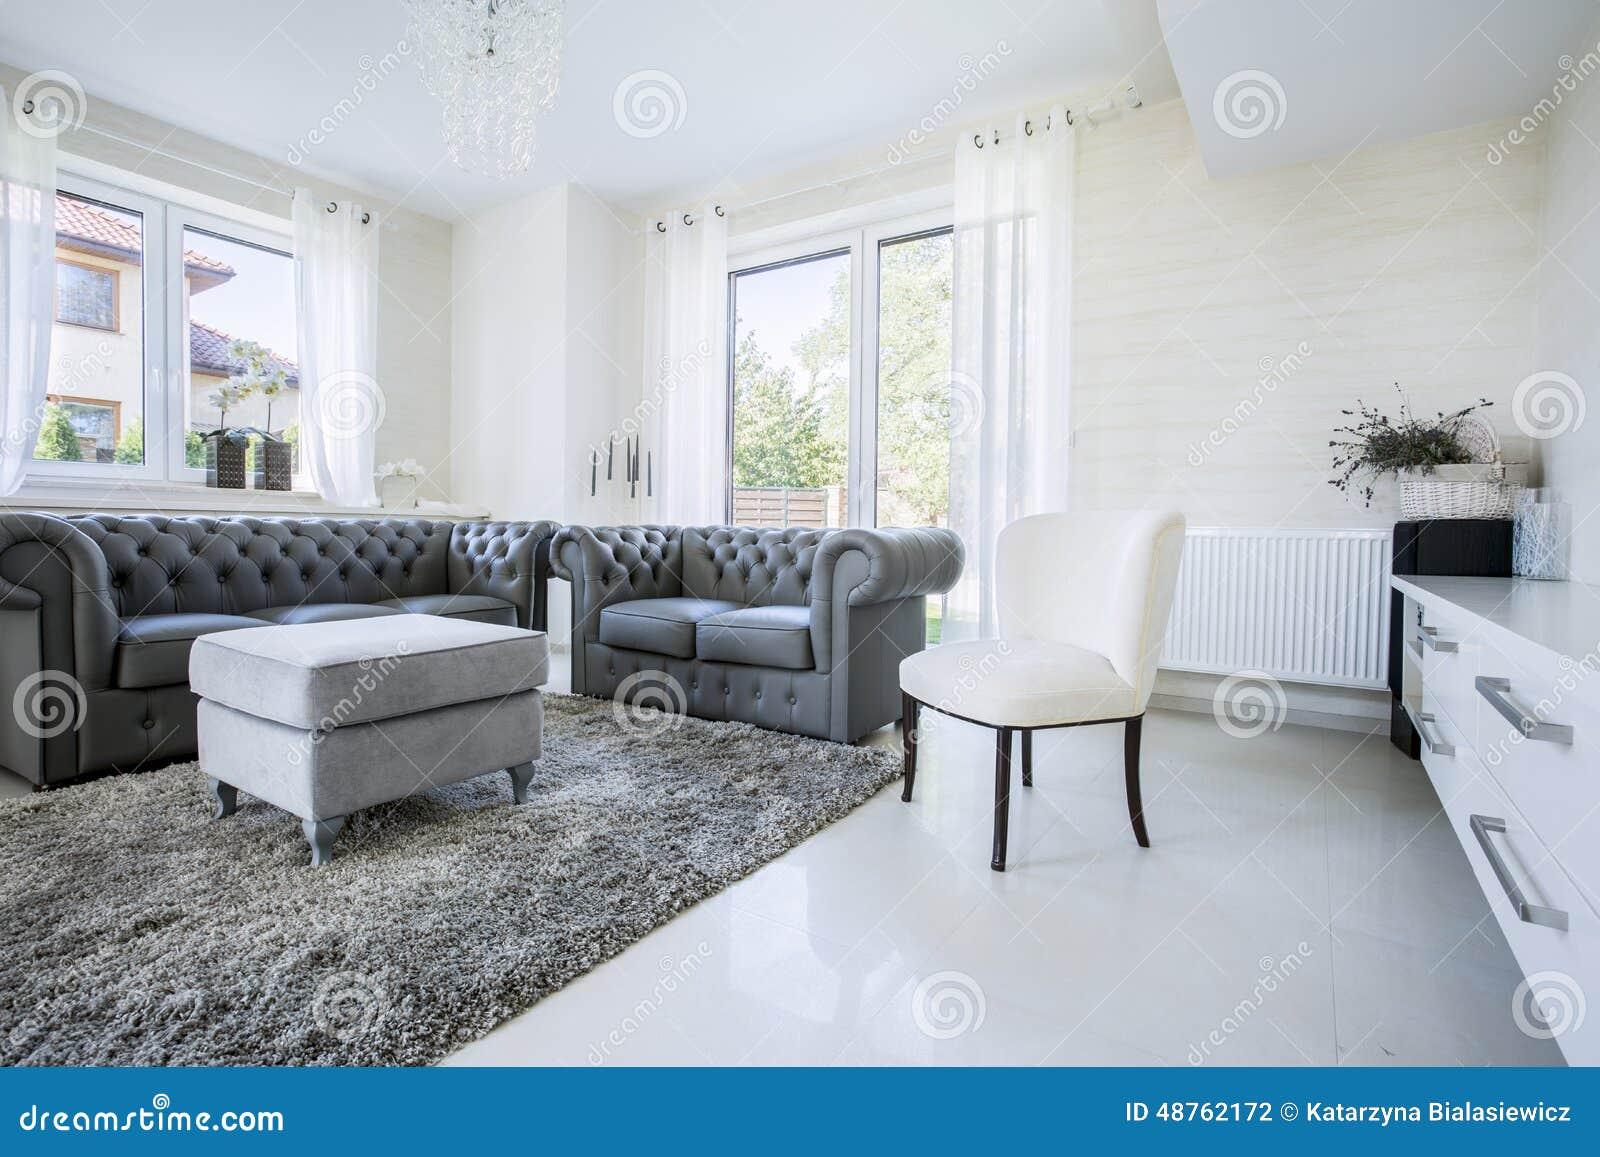 Meubles Classiques Dans La Maison Moderne Photo Stock Image  # Meuble De Maison Moderne